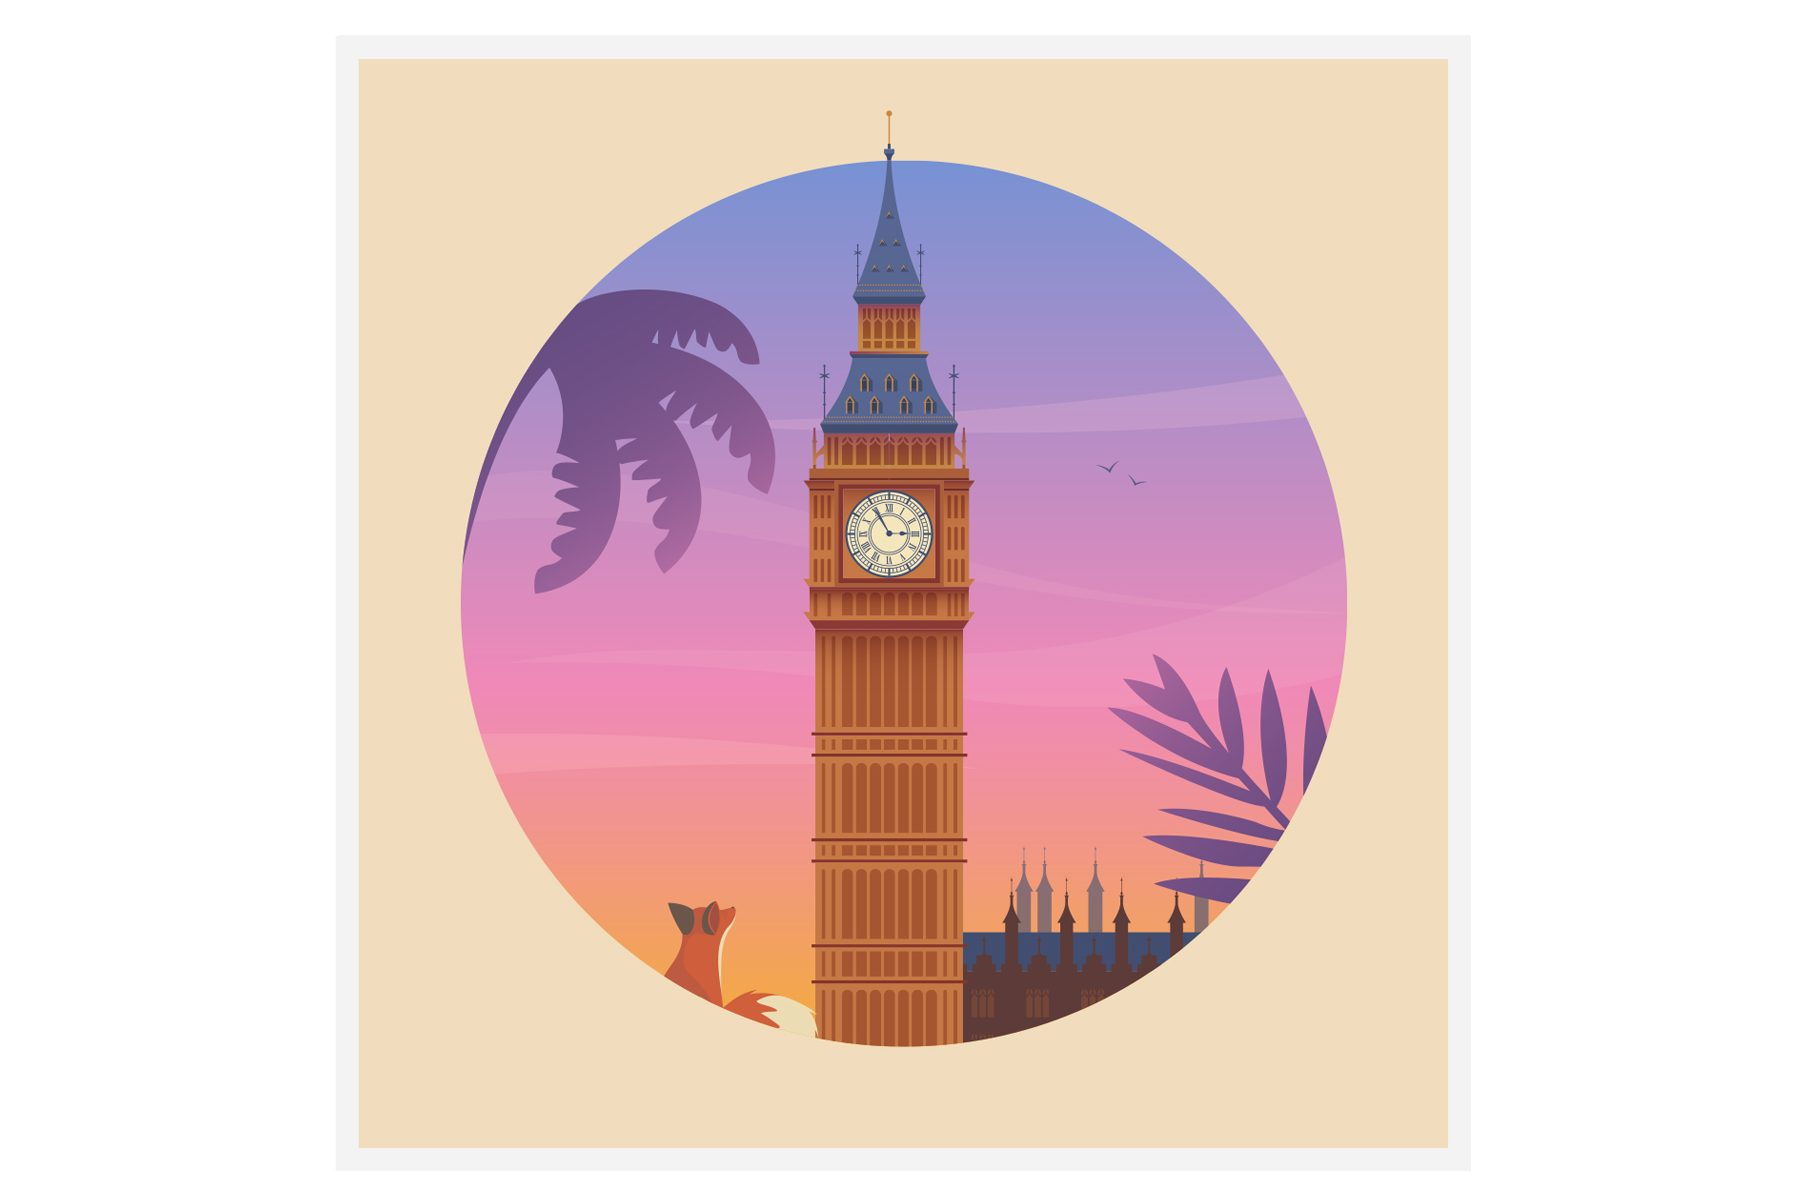 quinn the fox London Big Ben card